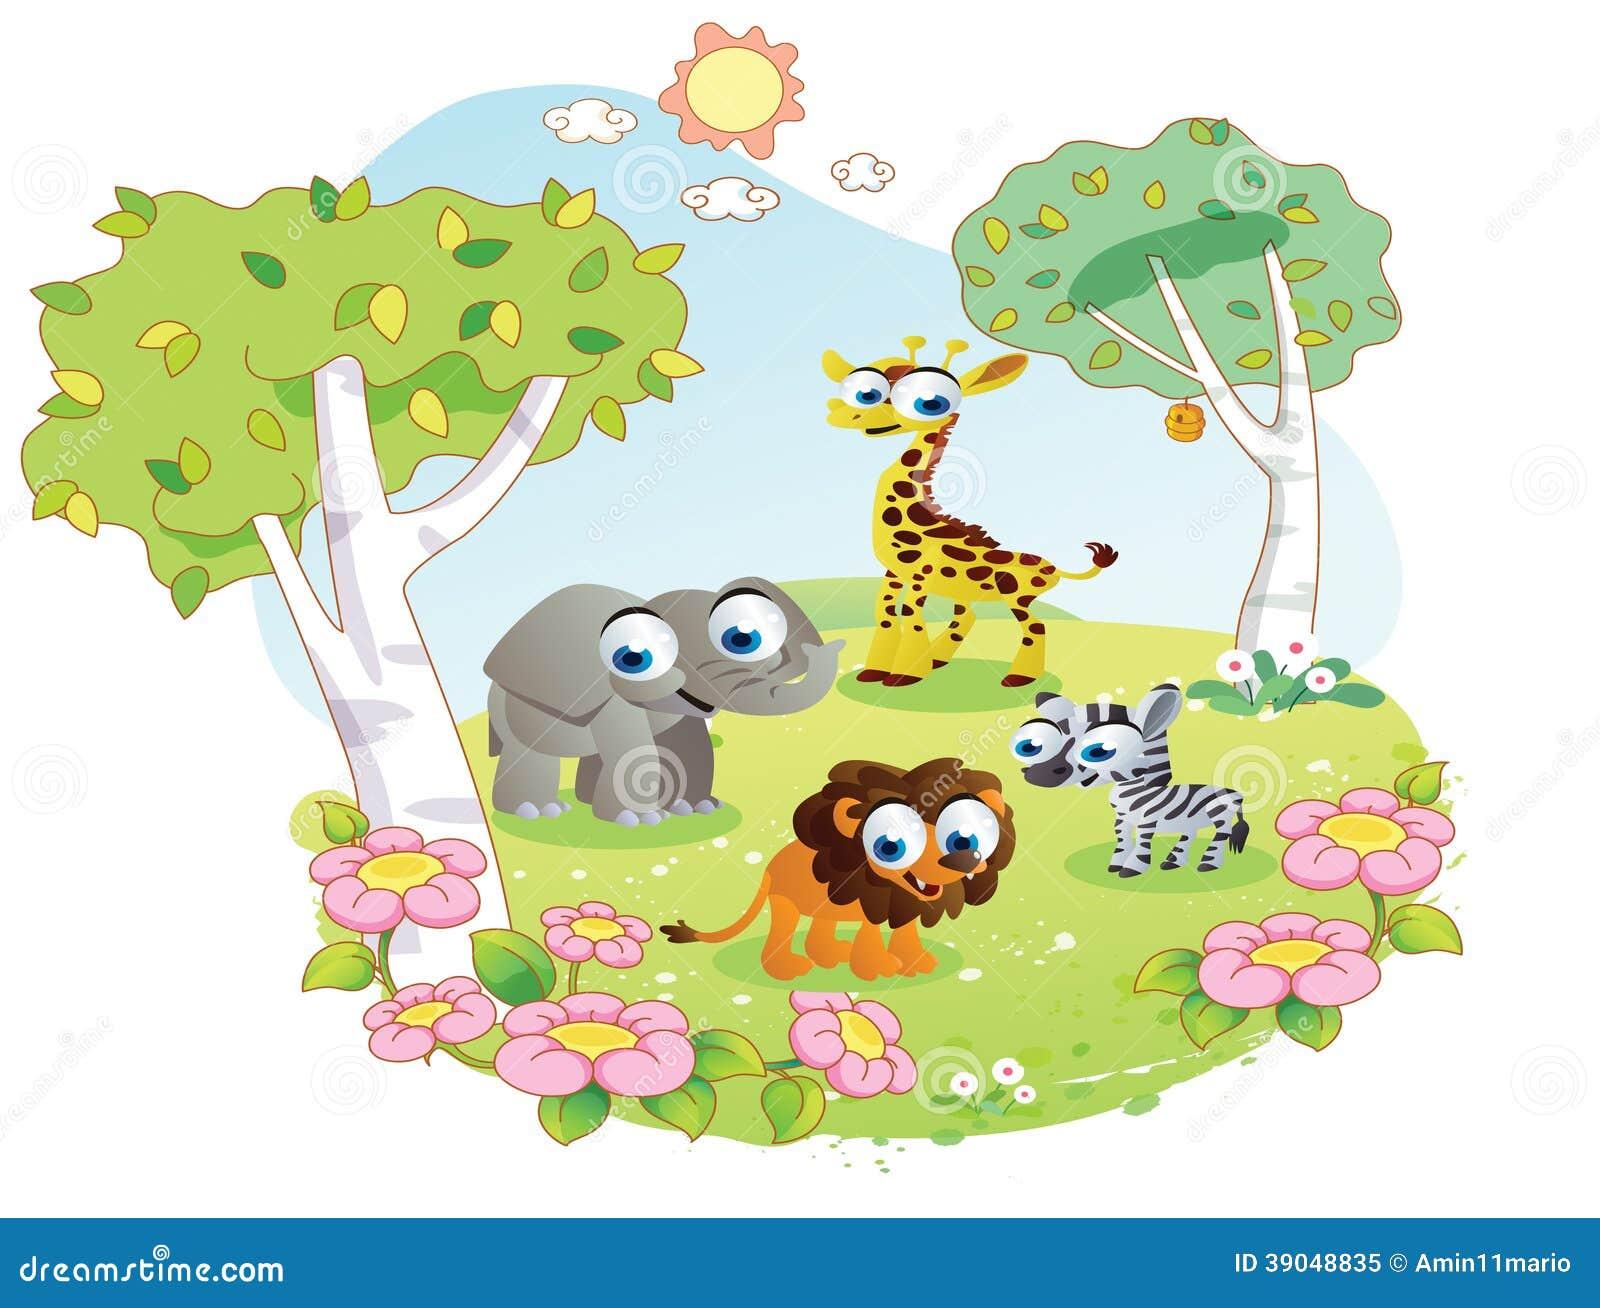 Flower garden cartoon - Wild Animals Cartoon At The Flower Garden Royalty Free Stock Photo